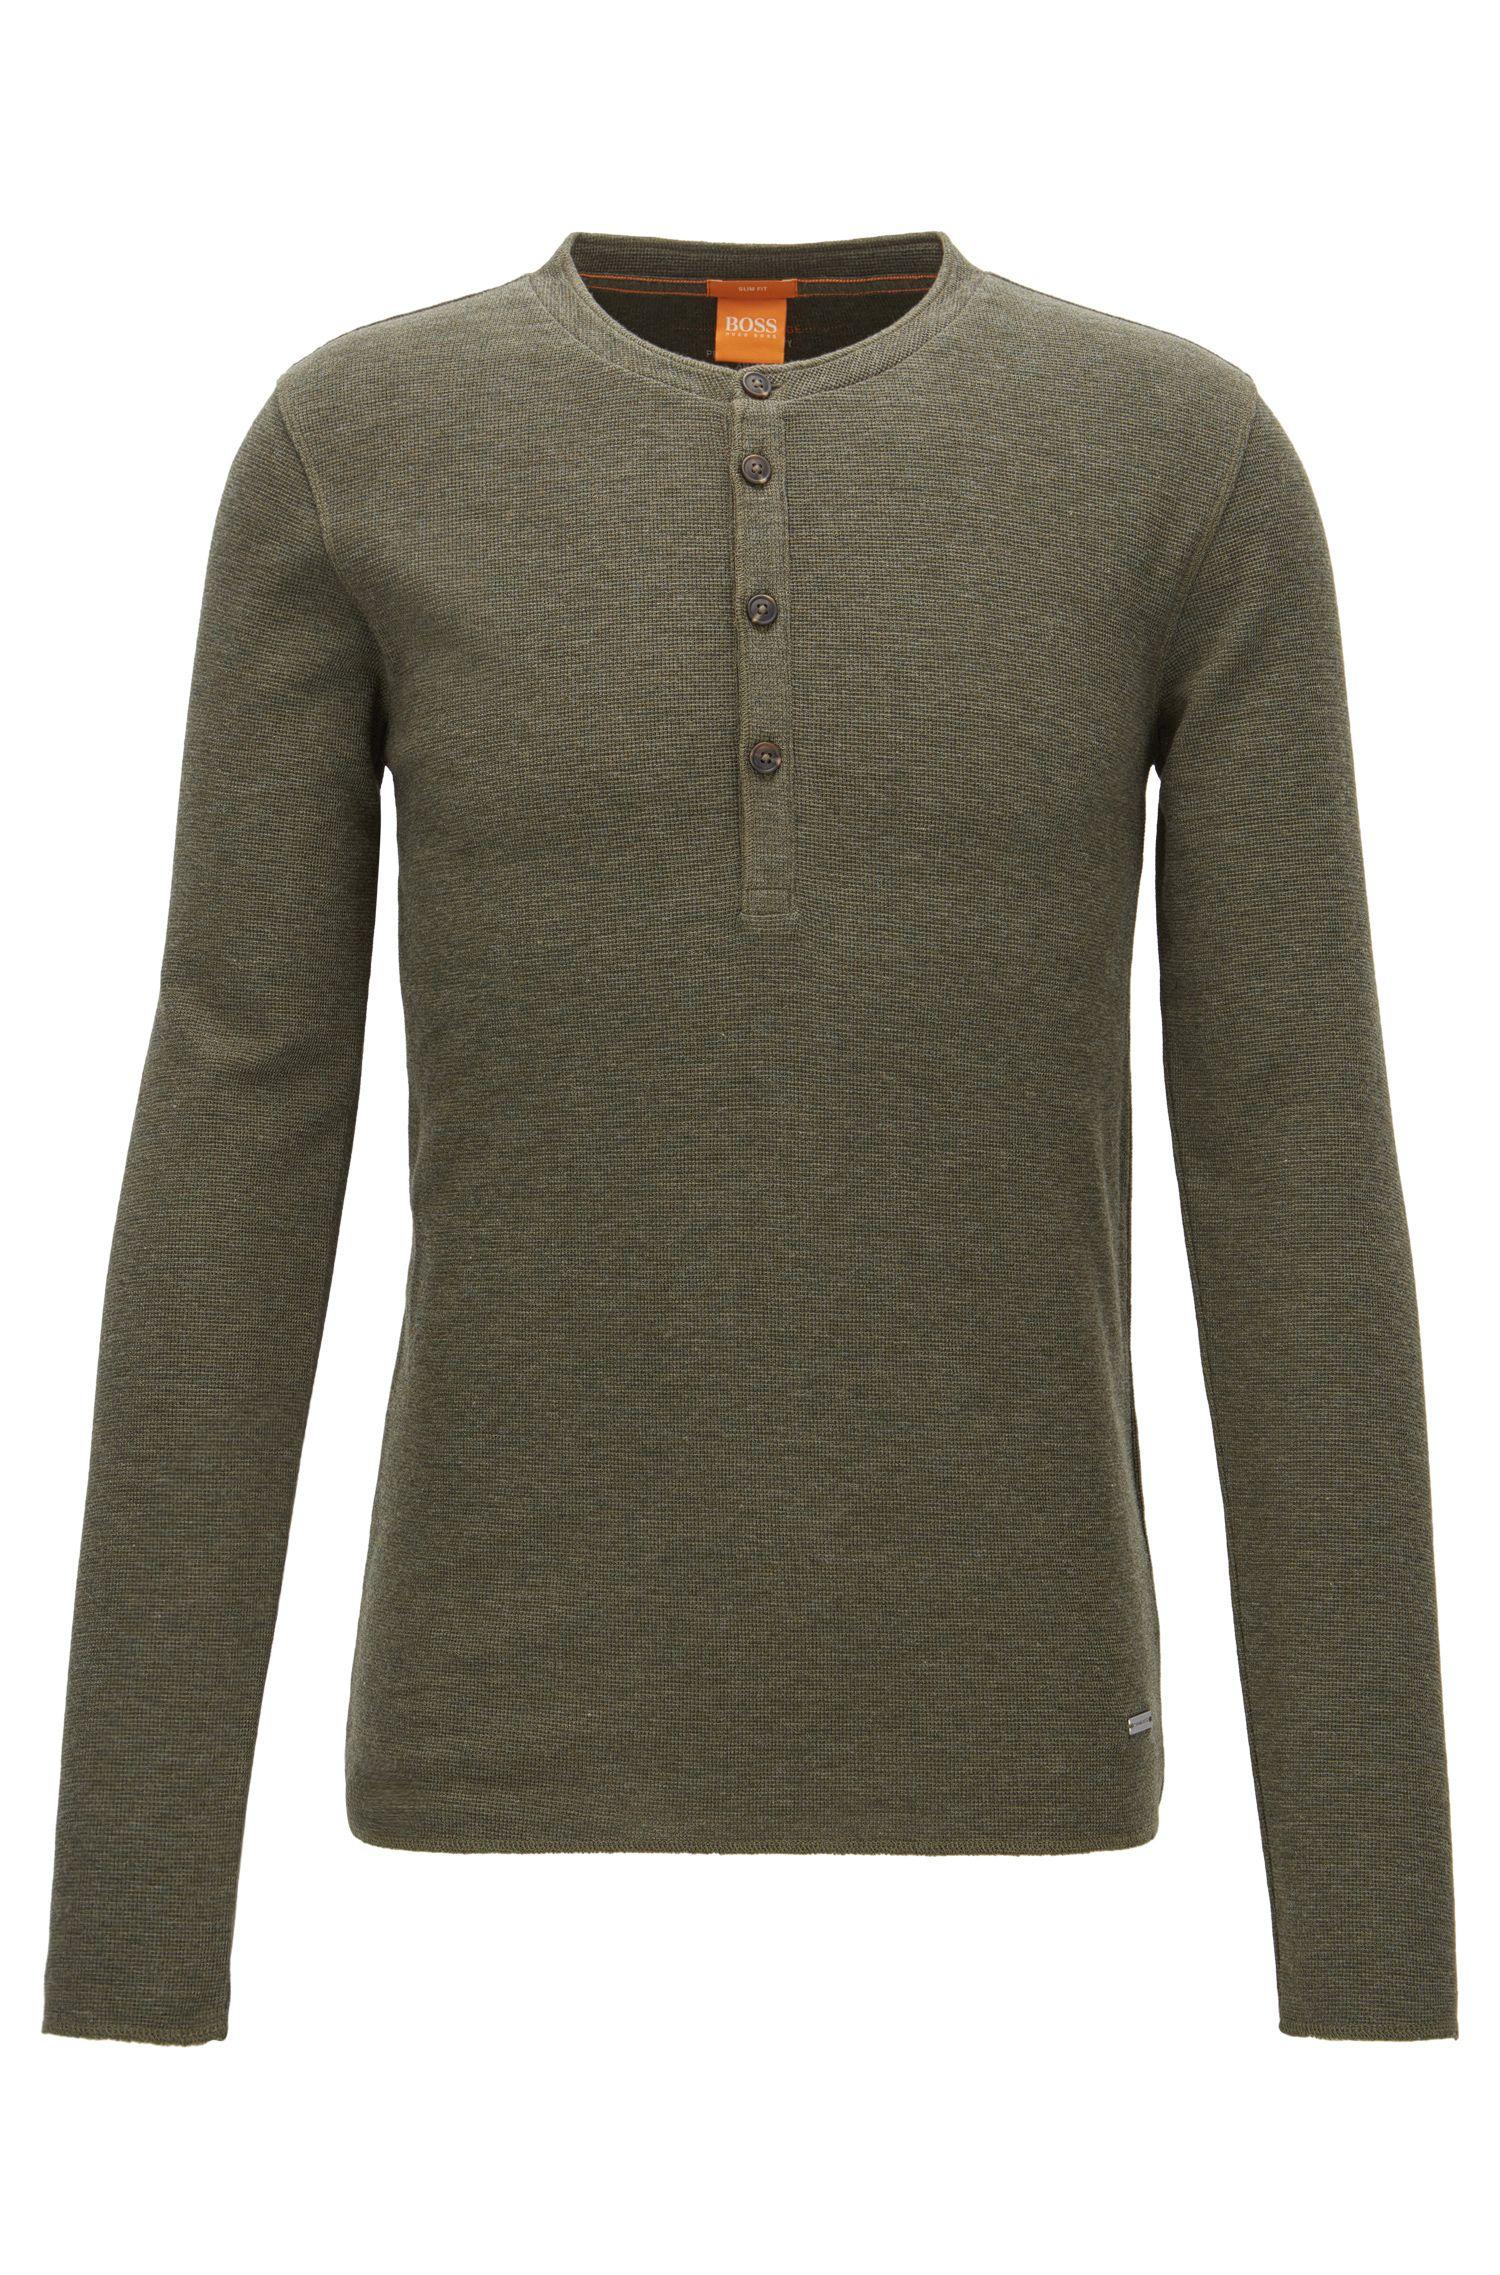 'Topsider' | Cotton Henley Shirt, Dark Green